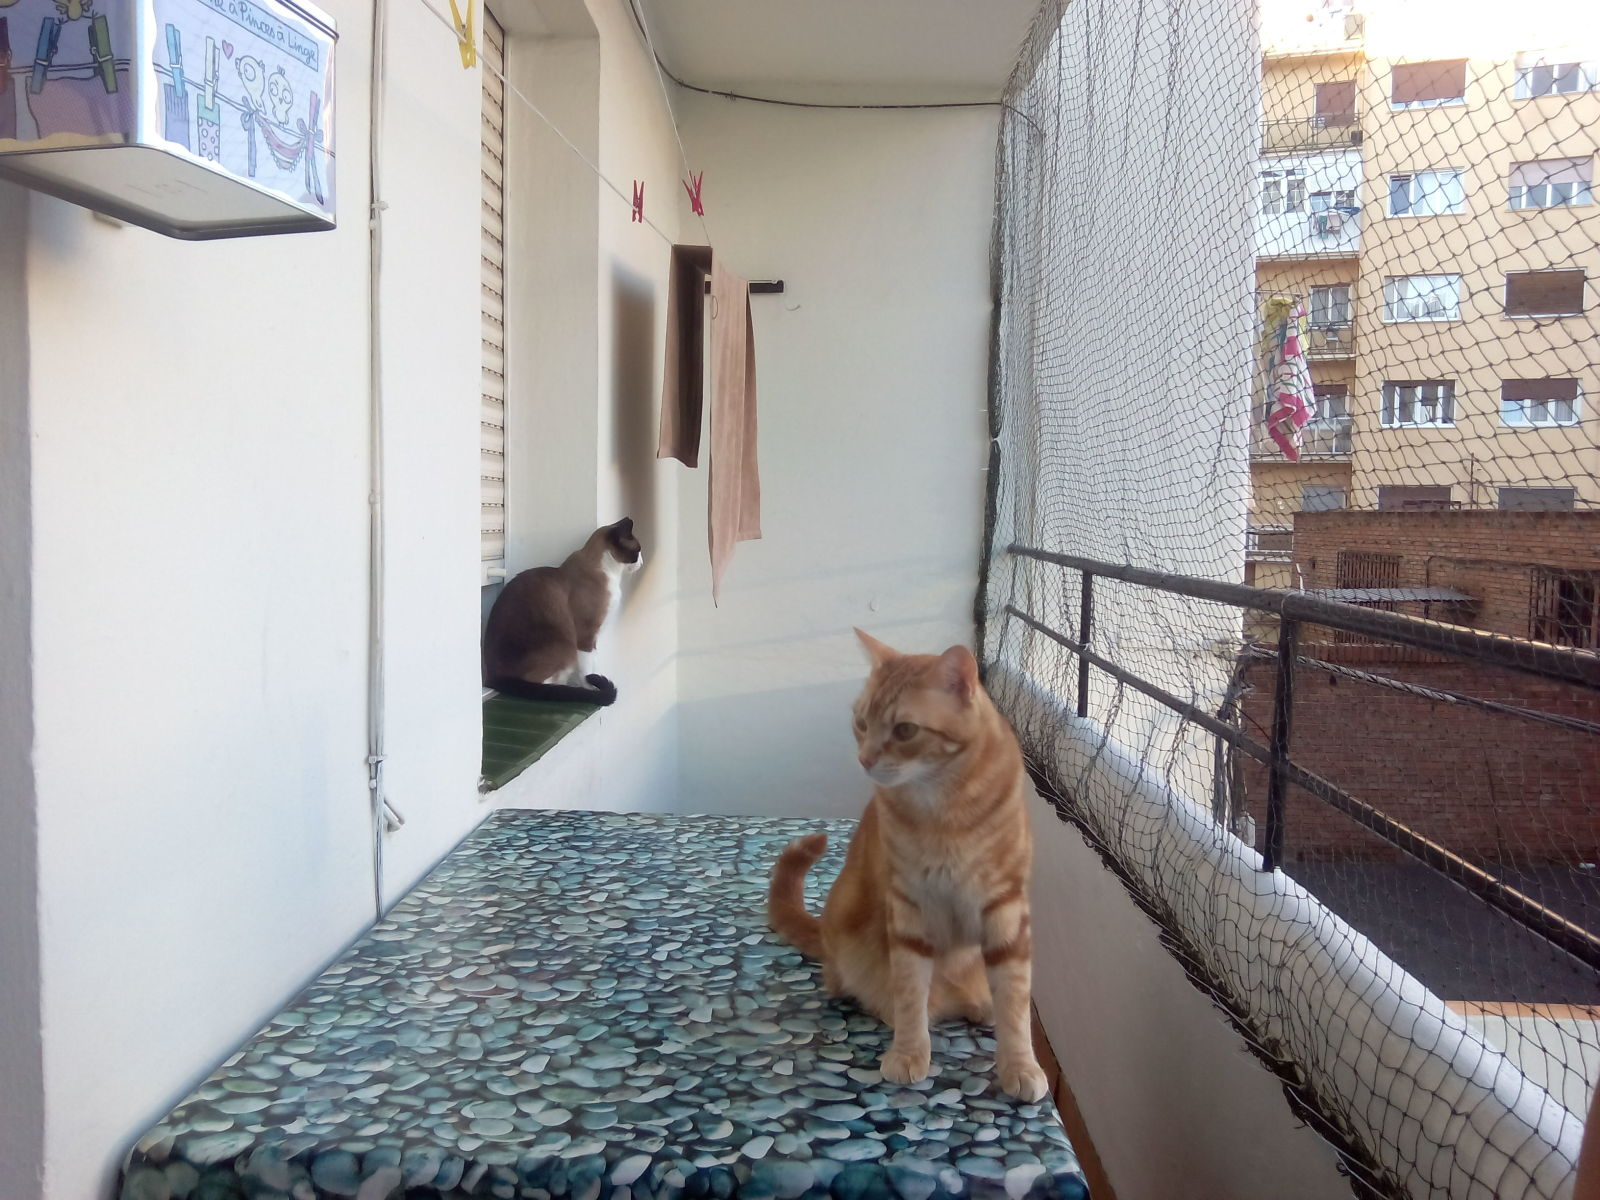 redes - Mosquiteras y redes para las ventanas y cómo proteger a nuestros gatos - Página 10 Fz7xgh